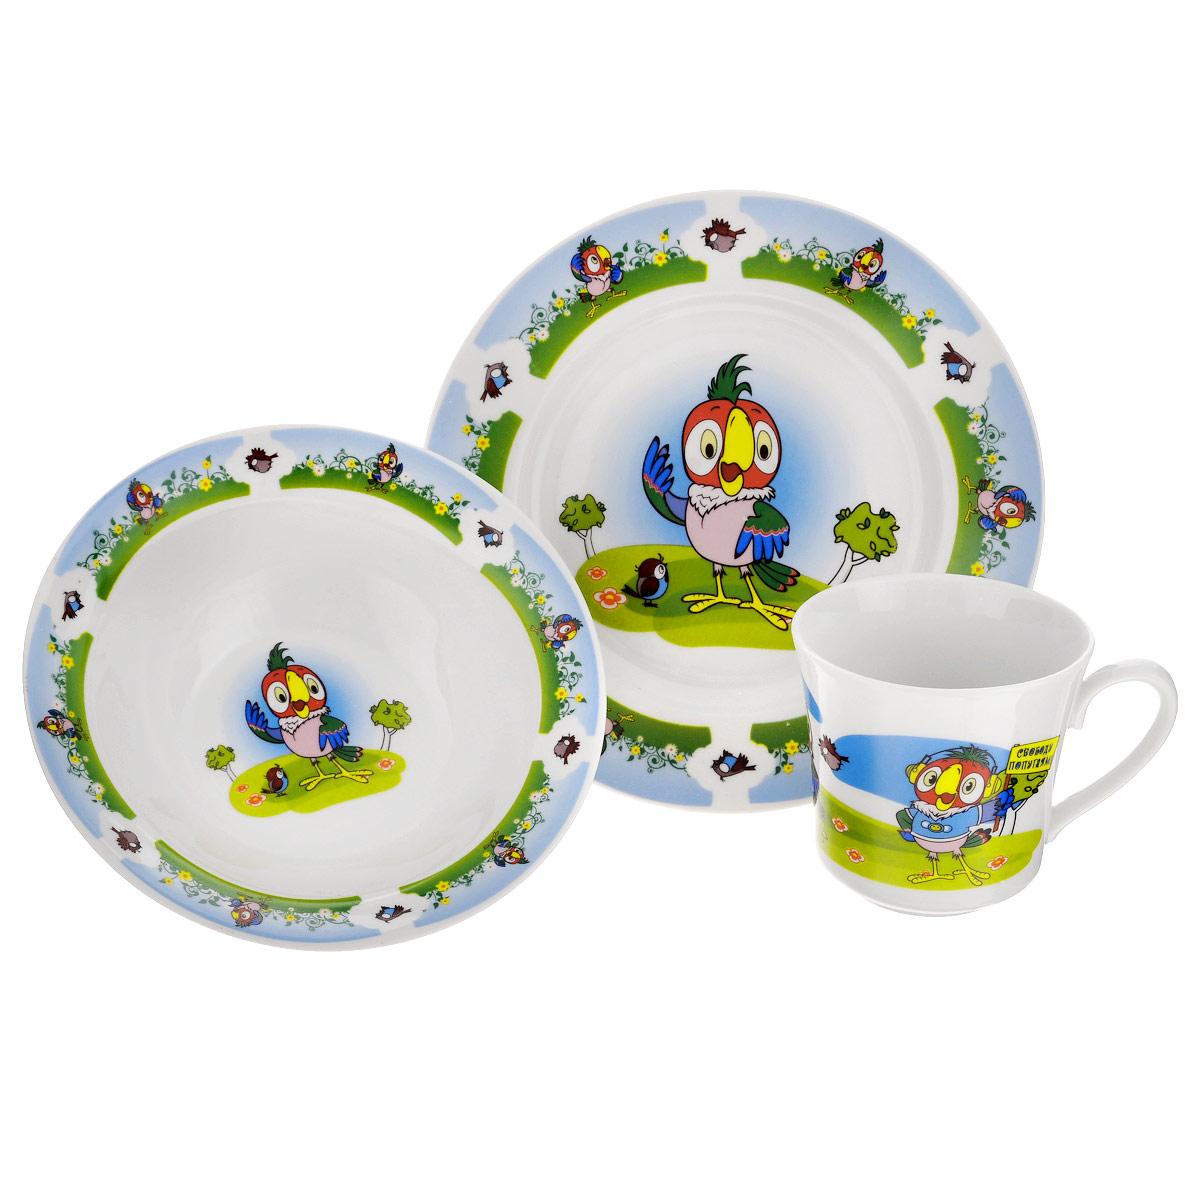 Набор детской фарфоровой посуды Союзмультфильм Попугай Кеша, 3 предметаBK-410Набор детской посуды Попугай Кеша порадует любого маленького поклонника старых советских мультфильмов. Набор включает в себя тарелку, миску и кружку.Посуда выполнена из качественного фарфора, окрашена безопасными красками, которые не сотрутся и прослужат вам очень долго. Прочные тарелки украшает изображение любимых героев мультфильма Попугай Кеша. Приборы нельзя использовать в духовке и на открытом огне. Посуда может быть использована в микроволновке и посудомоечной машине.Объем кружки 250 мл, объем миски 300 мл.Детская посуда разработана специально для малышей, она удобная и безопасна. Привычная еда станет вкуснее и приятнее, если процесс кормления сопровождать игрой и сказками о любимых героях. Красочная посуда - залог хорошего настроения и аппетита вашего малыша!